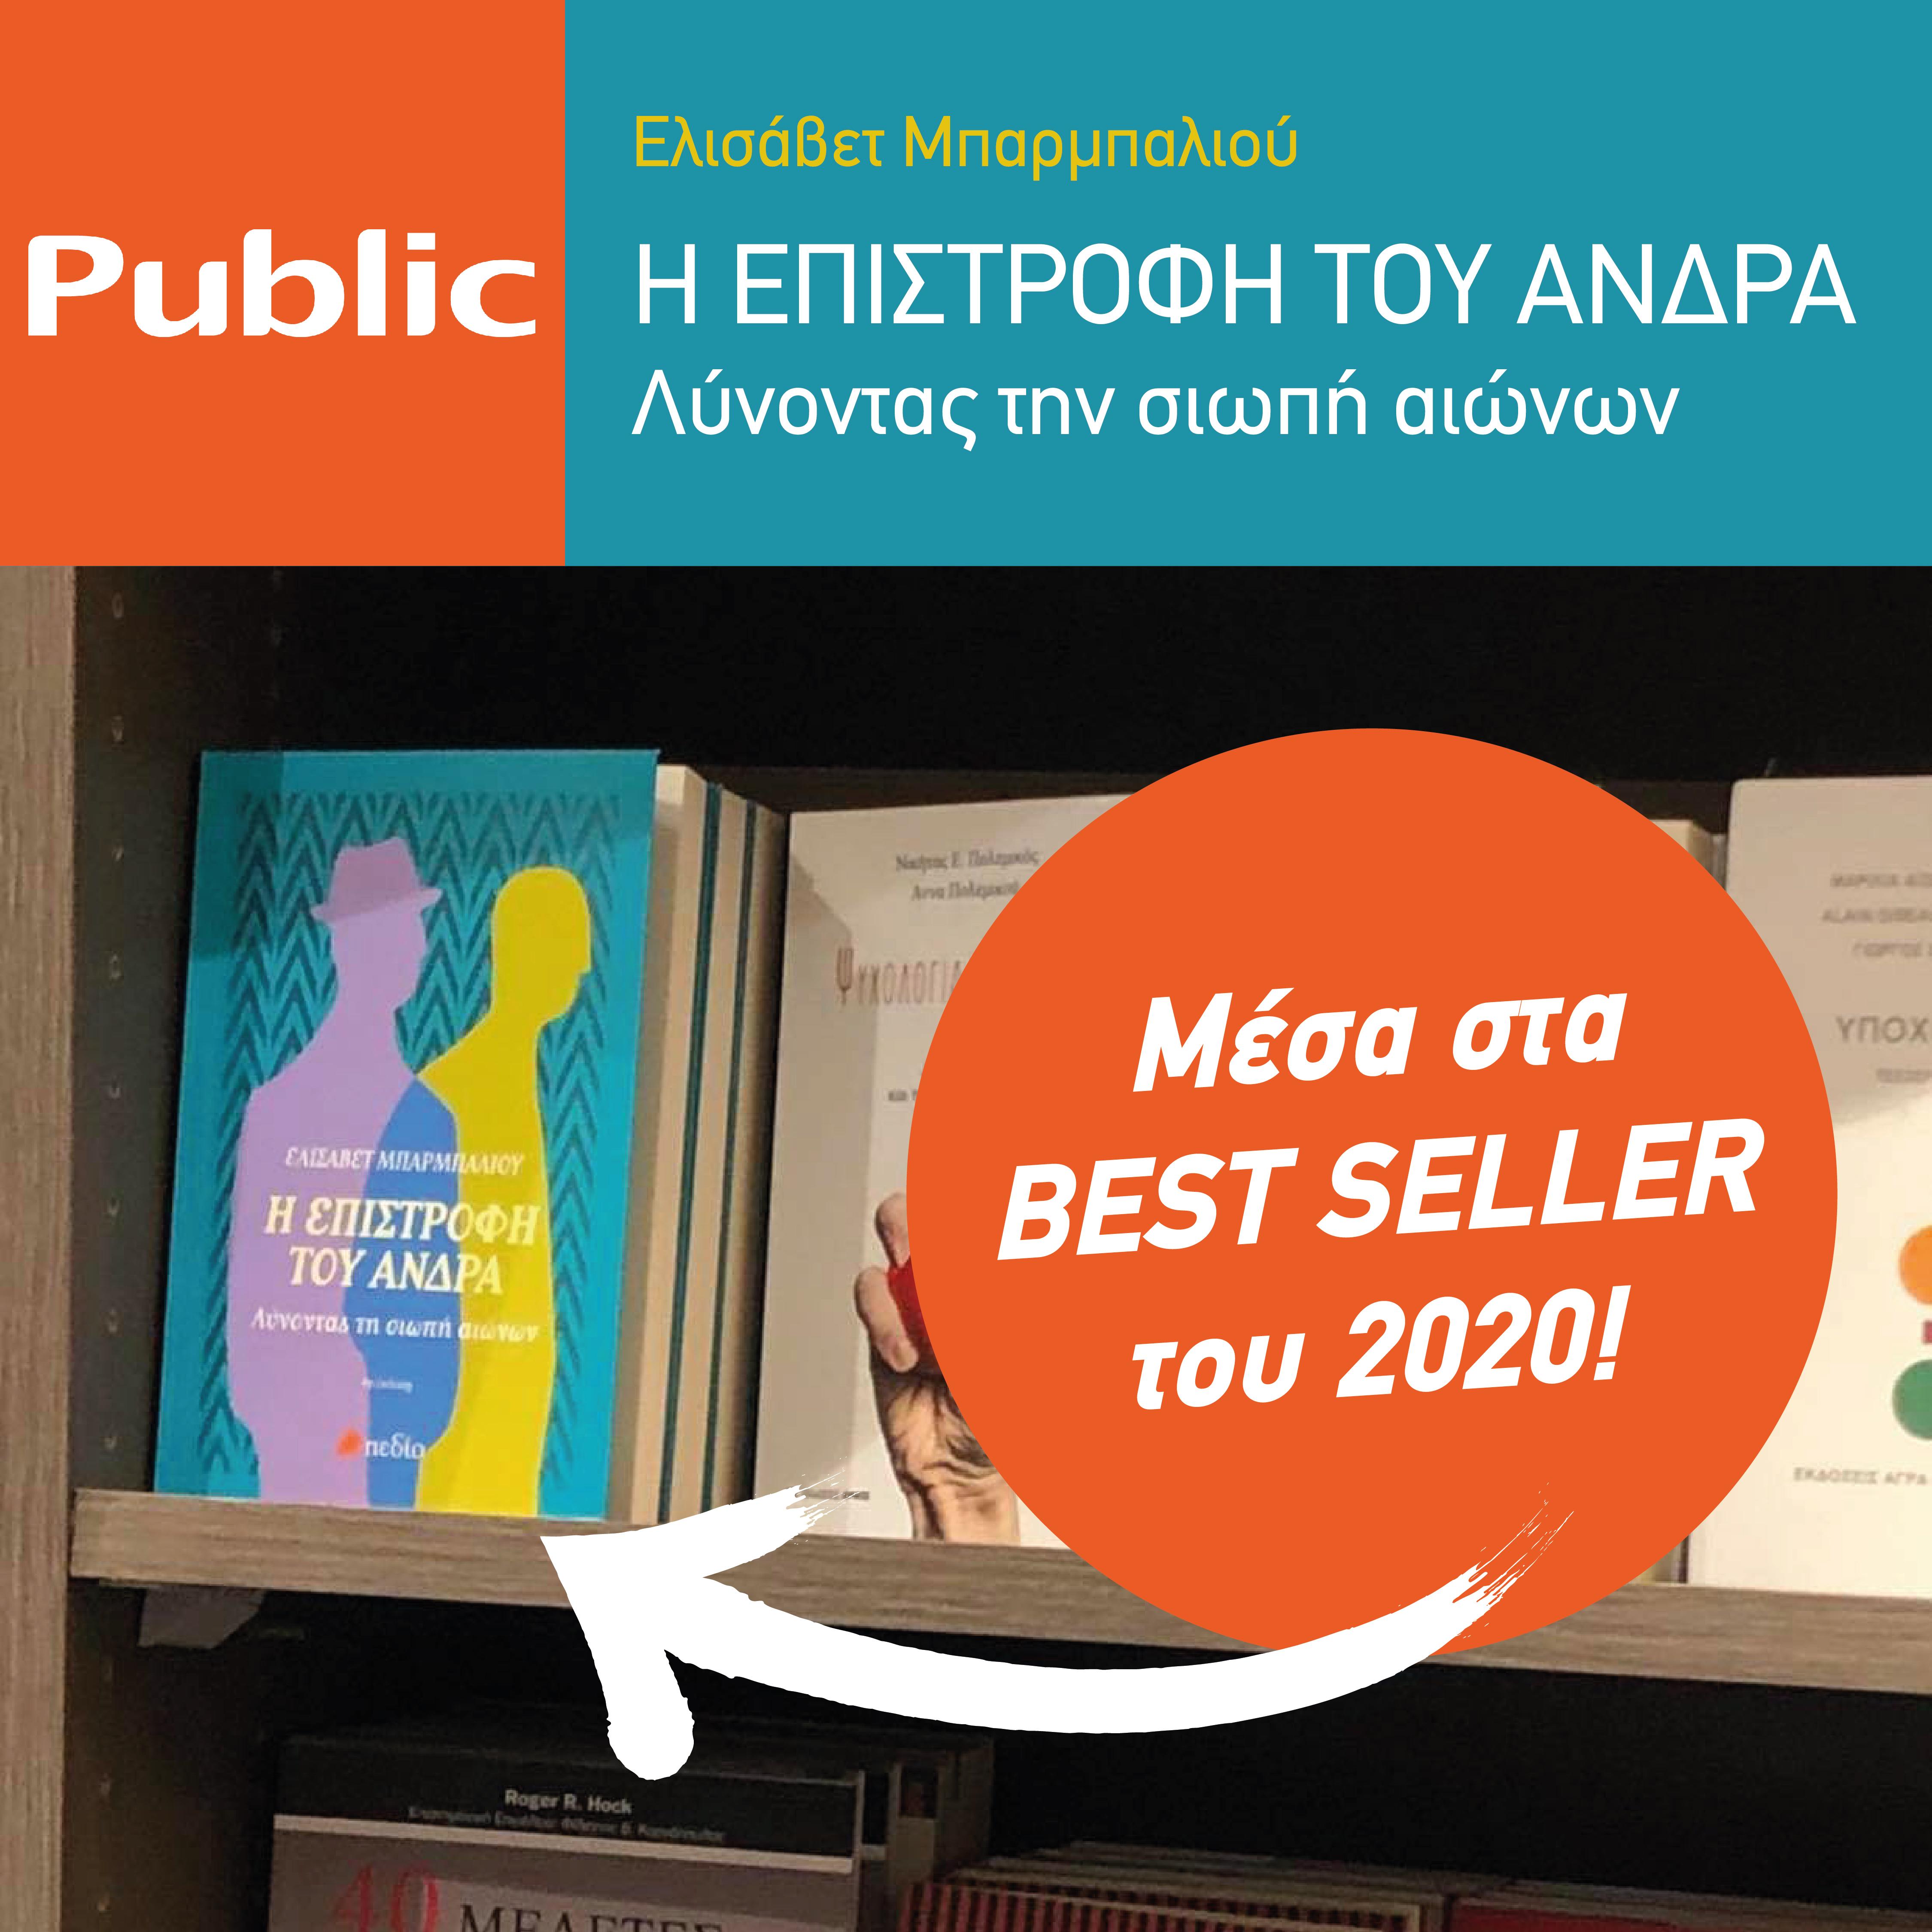 """Μέσα στα Best Seller του 2020! """"Η ΕΠΙΣΤΡΟΦΗ ΤΟΥ ΑΝΔΡΑ"""""""